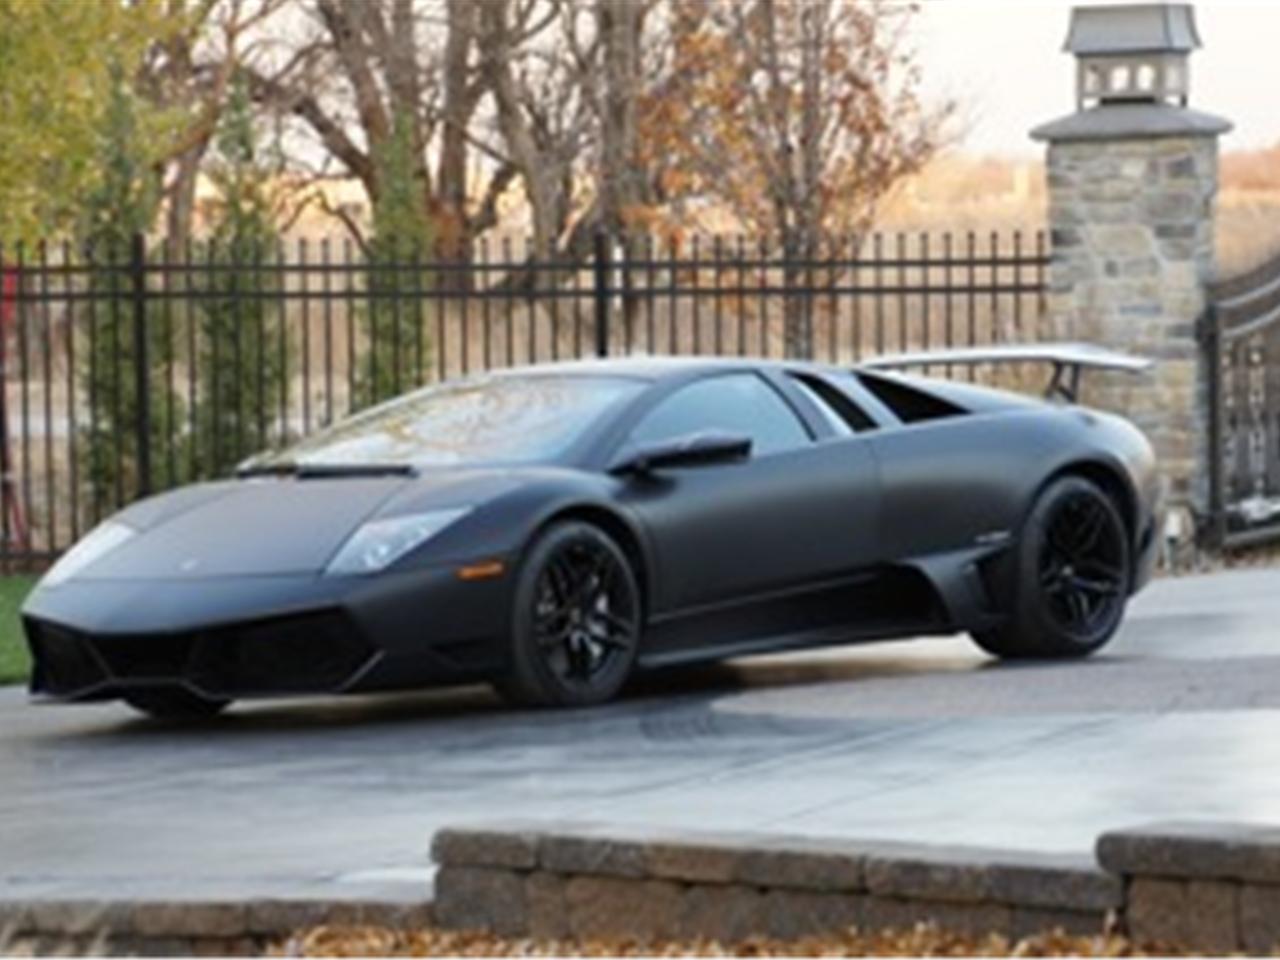 2010 Lamborghini Murcielago Lp670 4 Sv